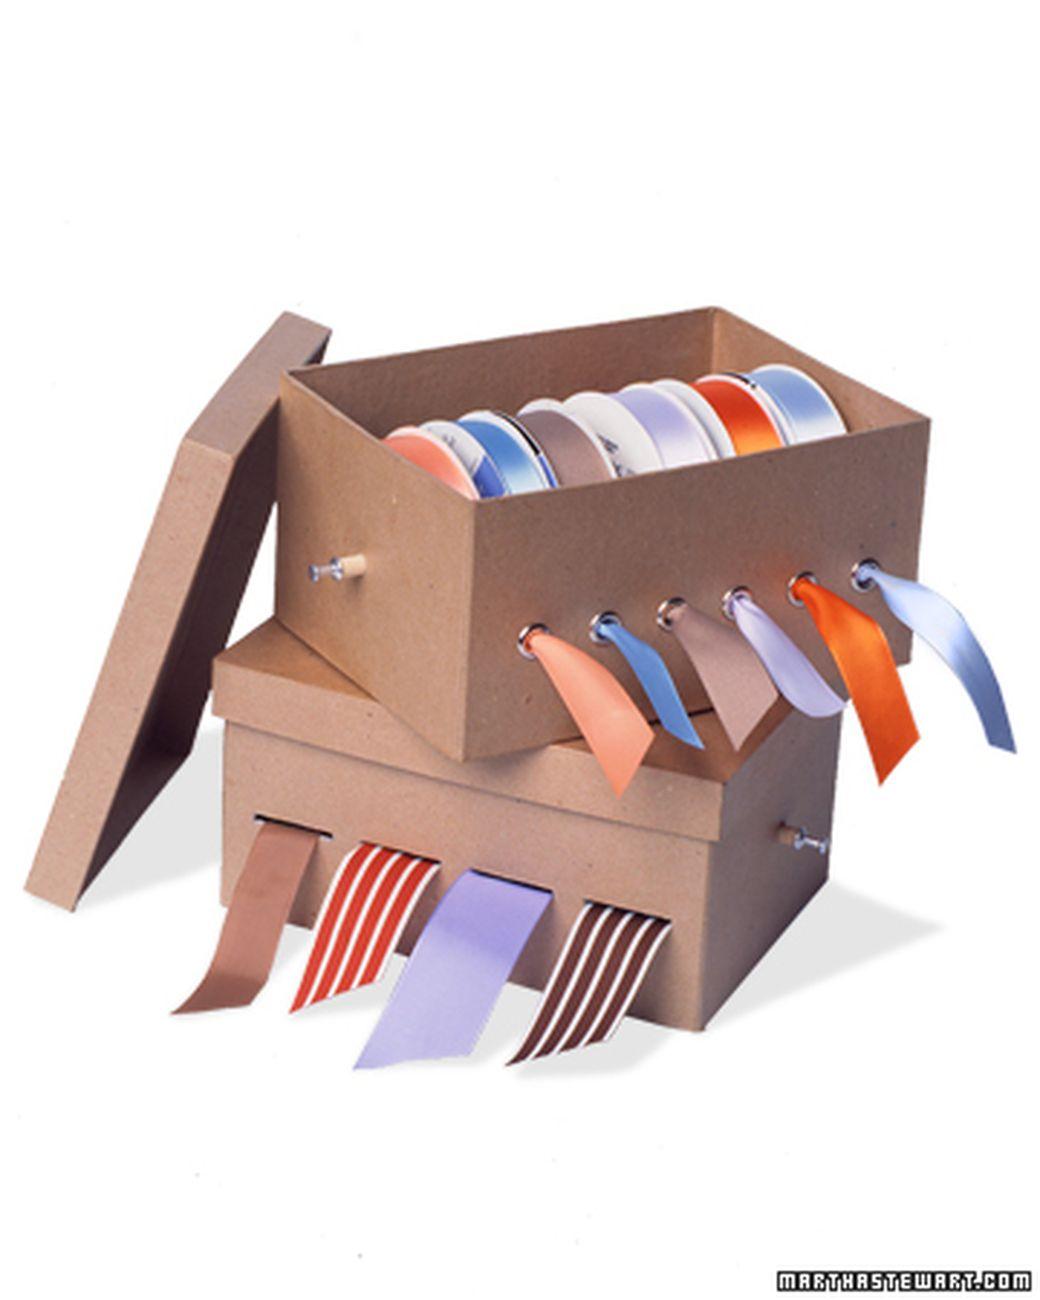 Ribbon Organizer Box Ribbon Organization Craft Organization